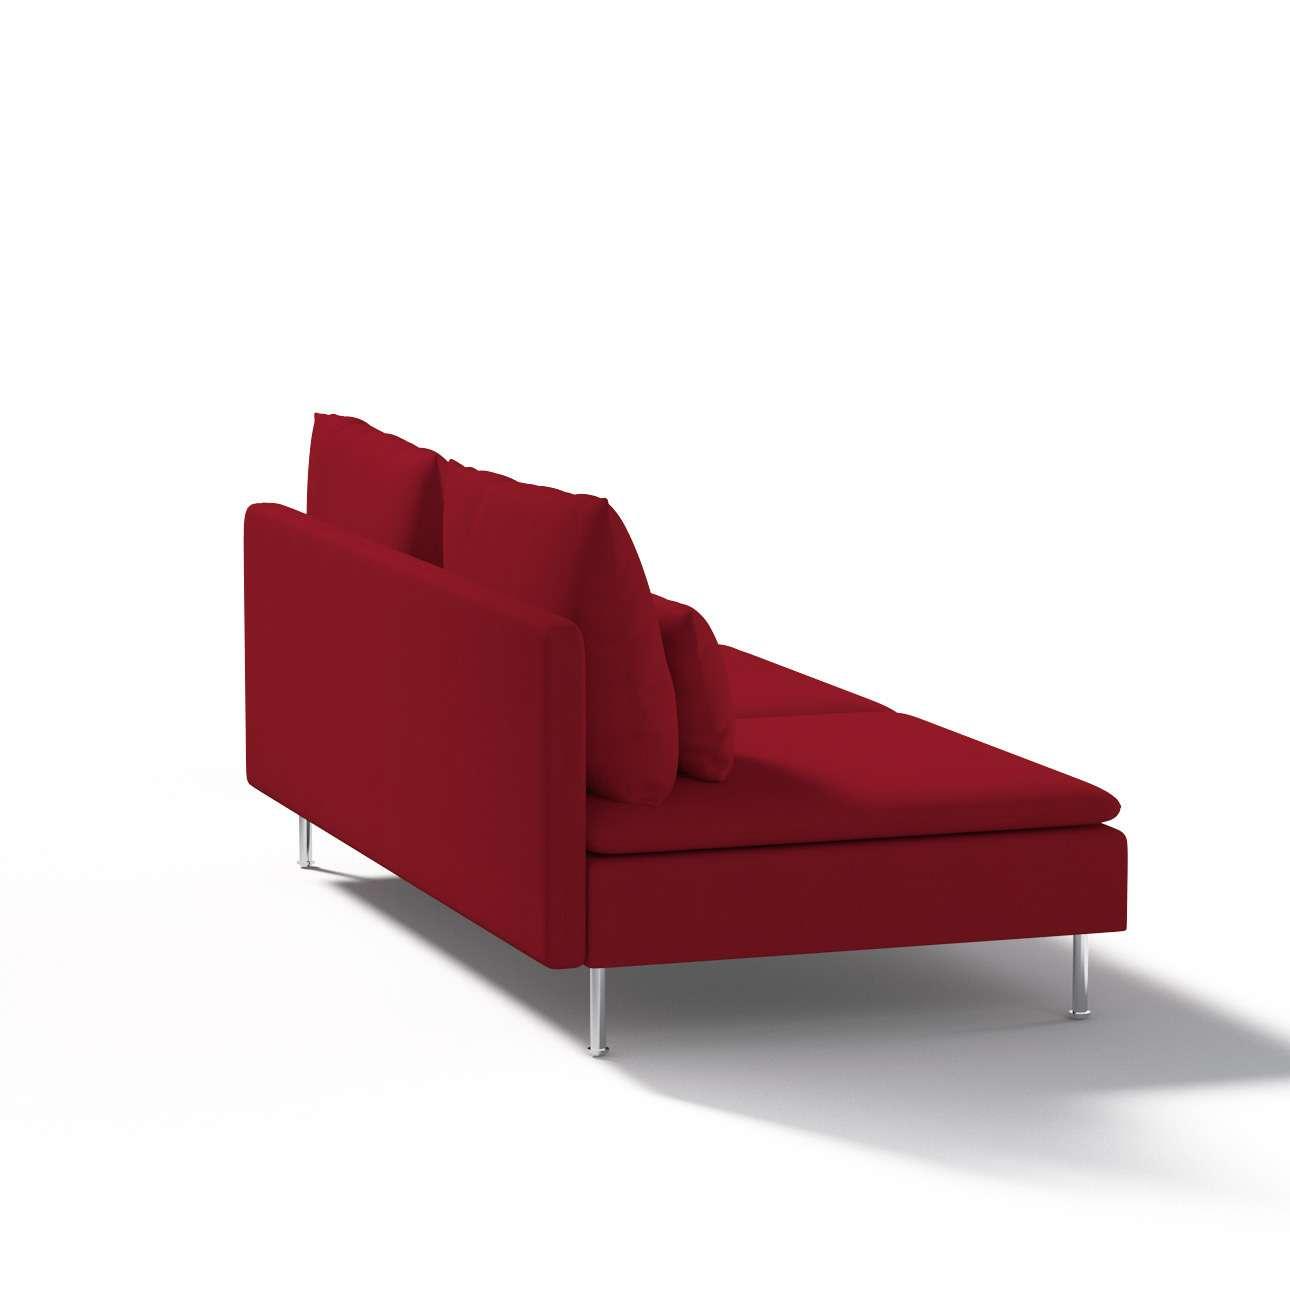 Ikea Söderhamn trivietei sofai užvalkalas Ikea Söderhamn moduliniai trivietei sofai užvalkalas kolekcijoje Chenille, audinys: 702-24